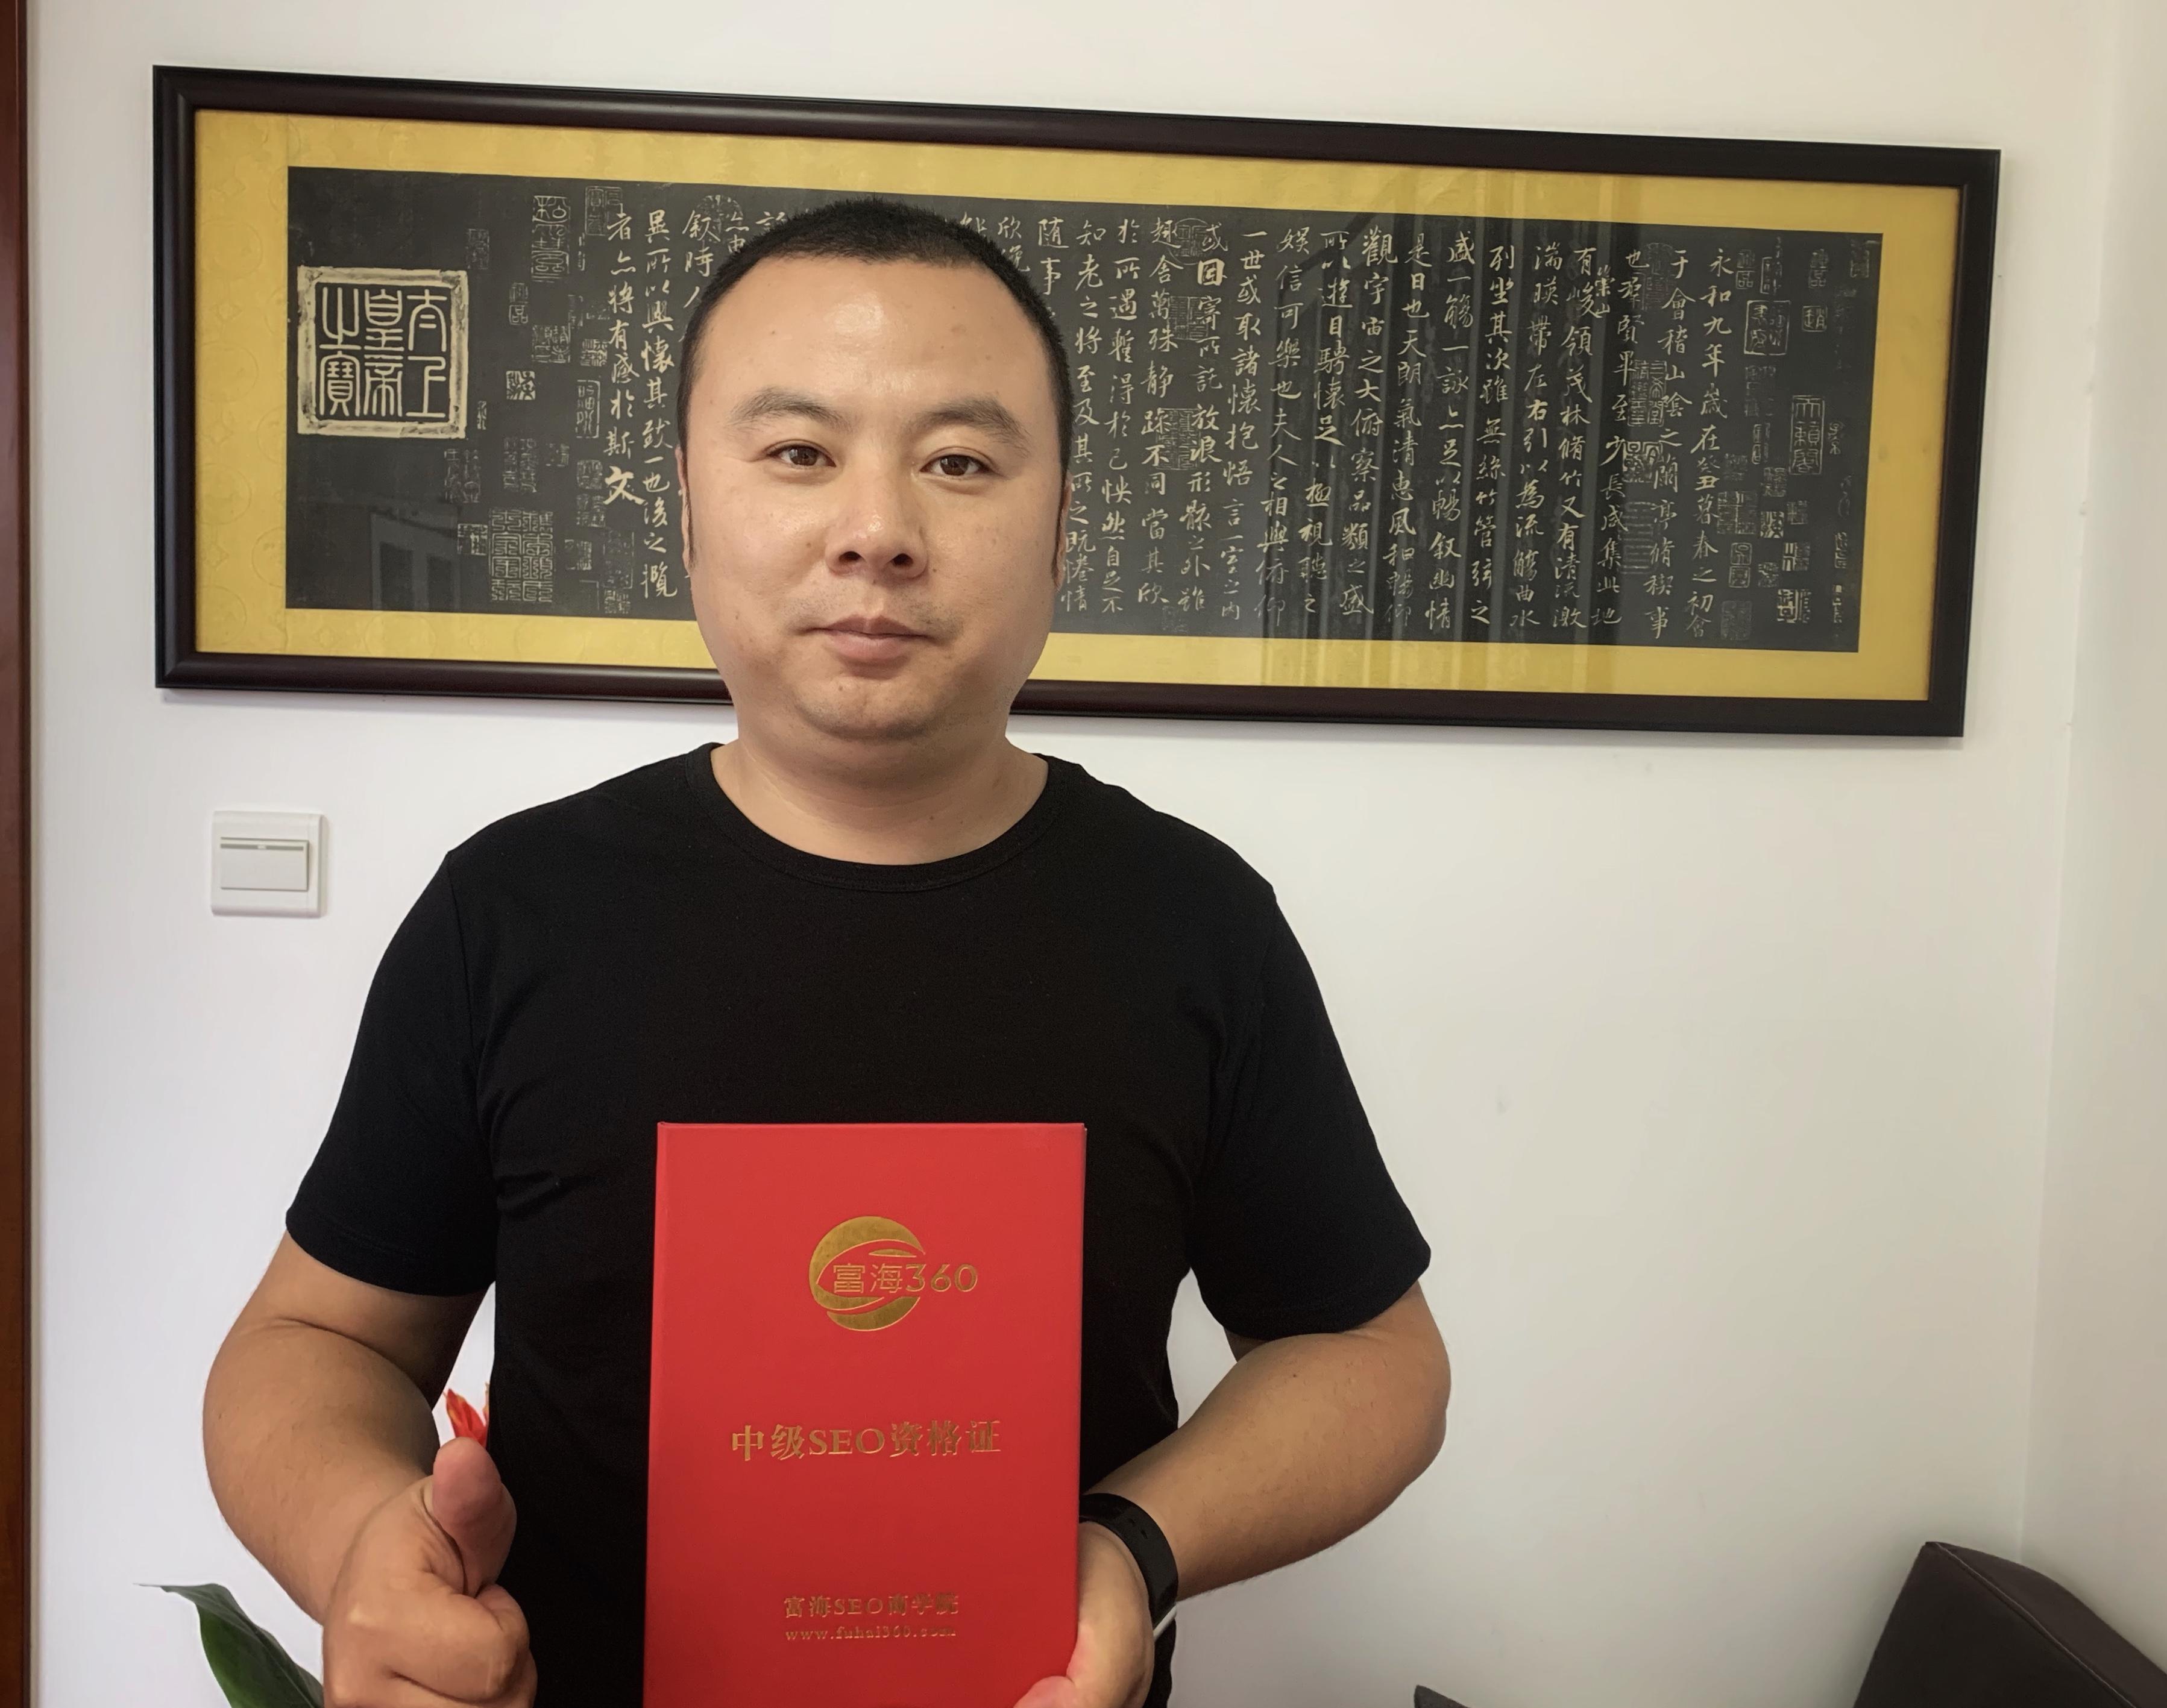 恭喜闫宝龙荣获富海360SEO商学院《SEO中级工程师》证书